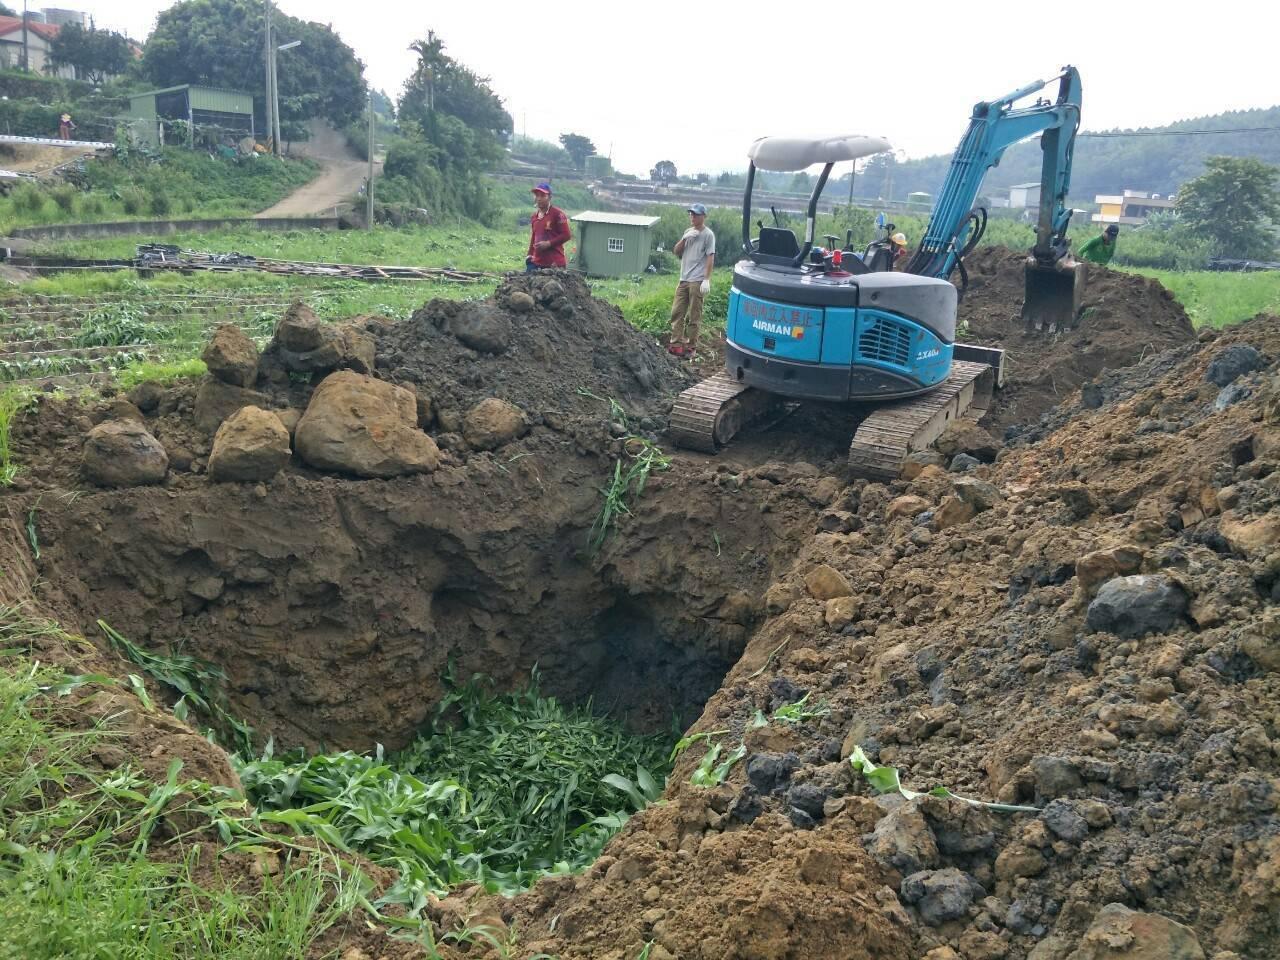 苗栗縣大湖鄉發現秋行軍蟲的玉米田,全面銷毀,就地掩埋。記者劉星君/翻攝